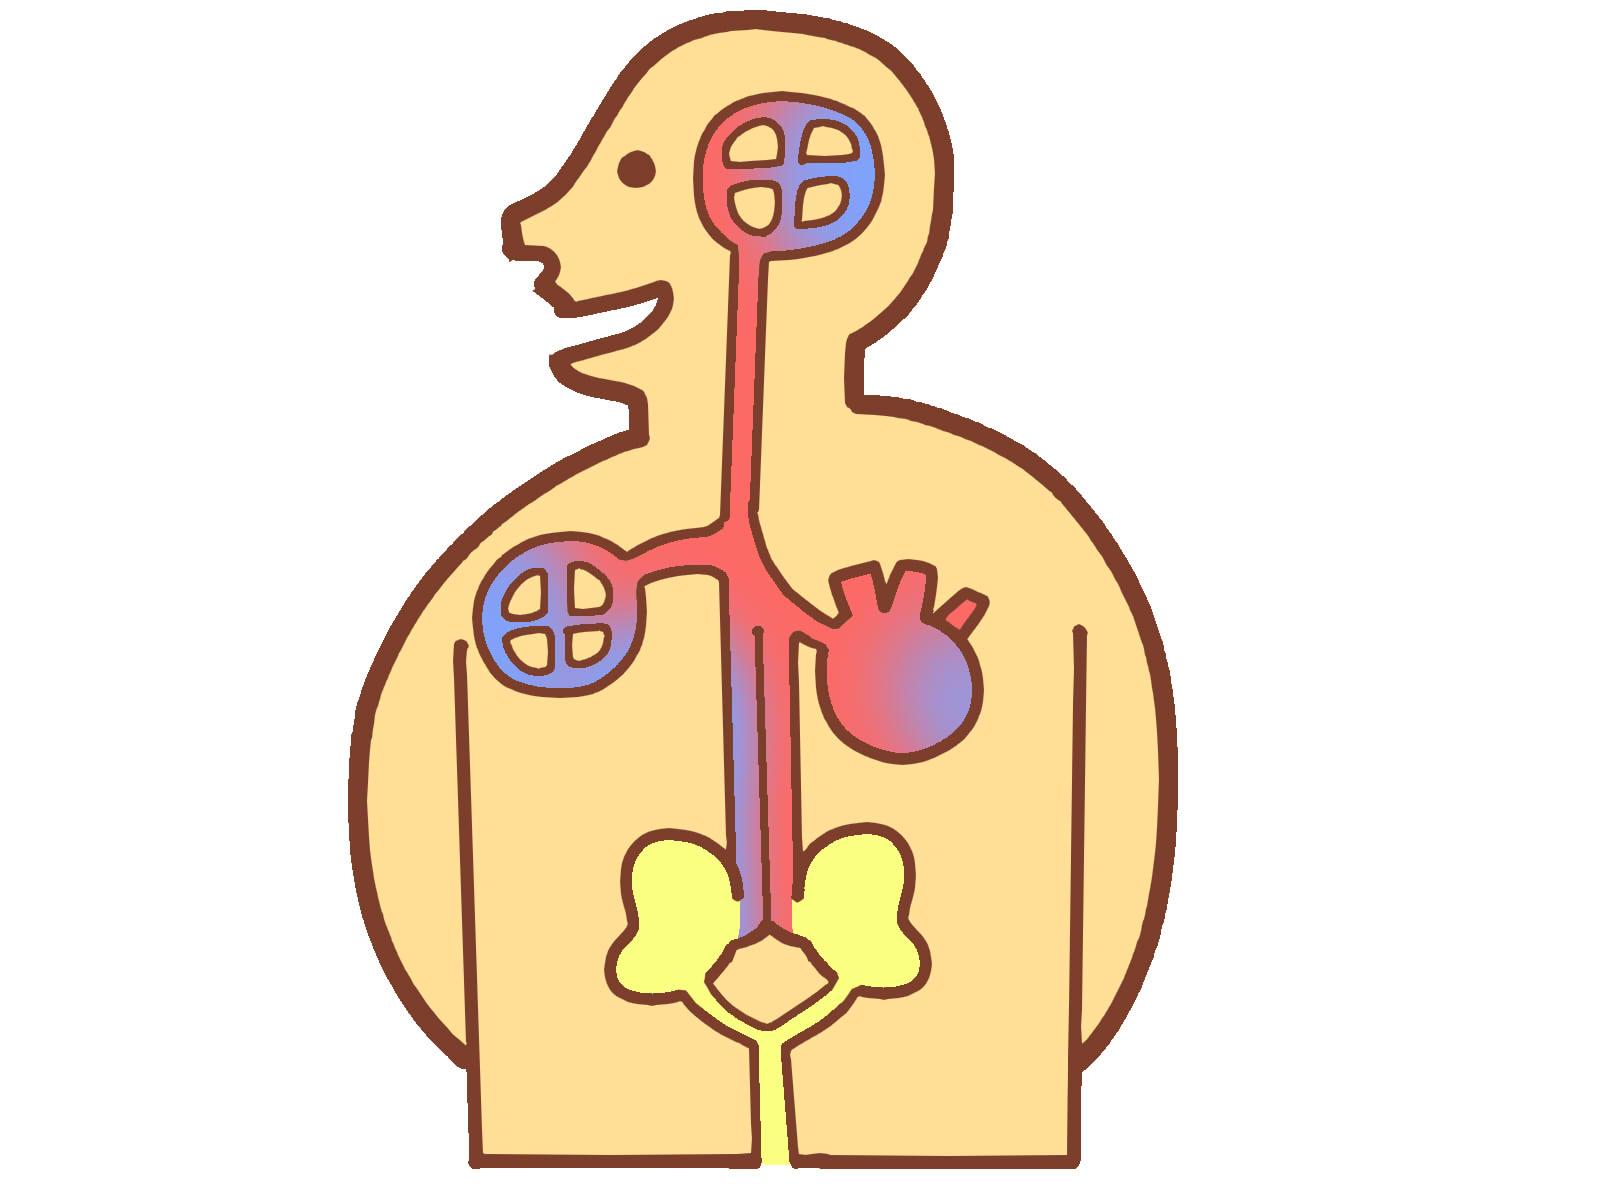 糖尿病が進行し、合併症により腎臓がなかり悪くなってきています